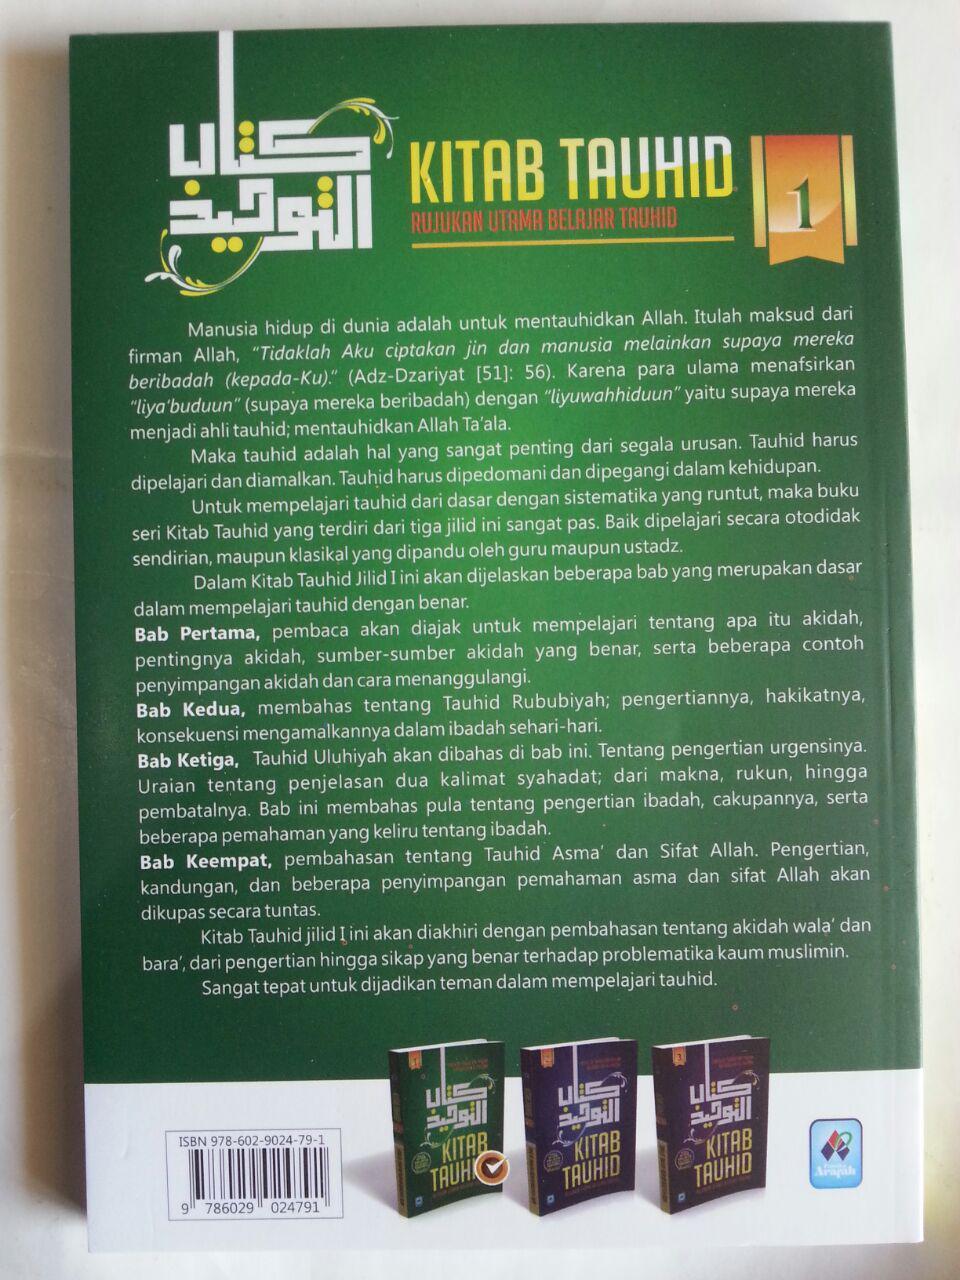 Buku Kitab Tauhid Rujukan Utama Belajar Tauhid 1 Set 3 Jilid cover 5